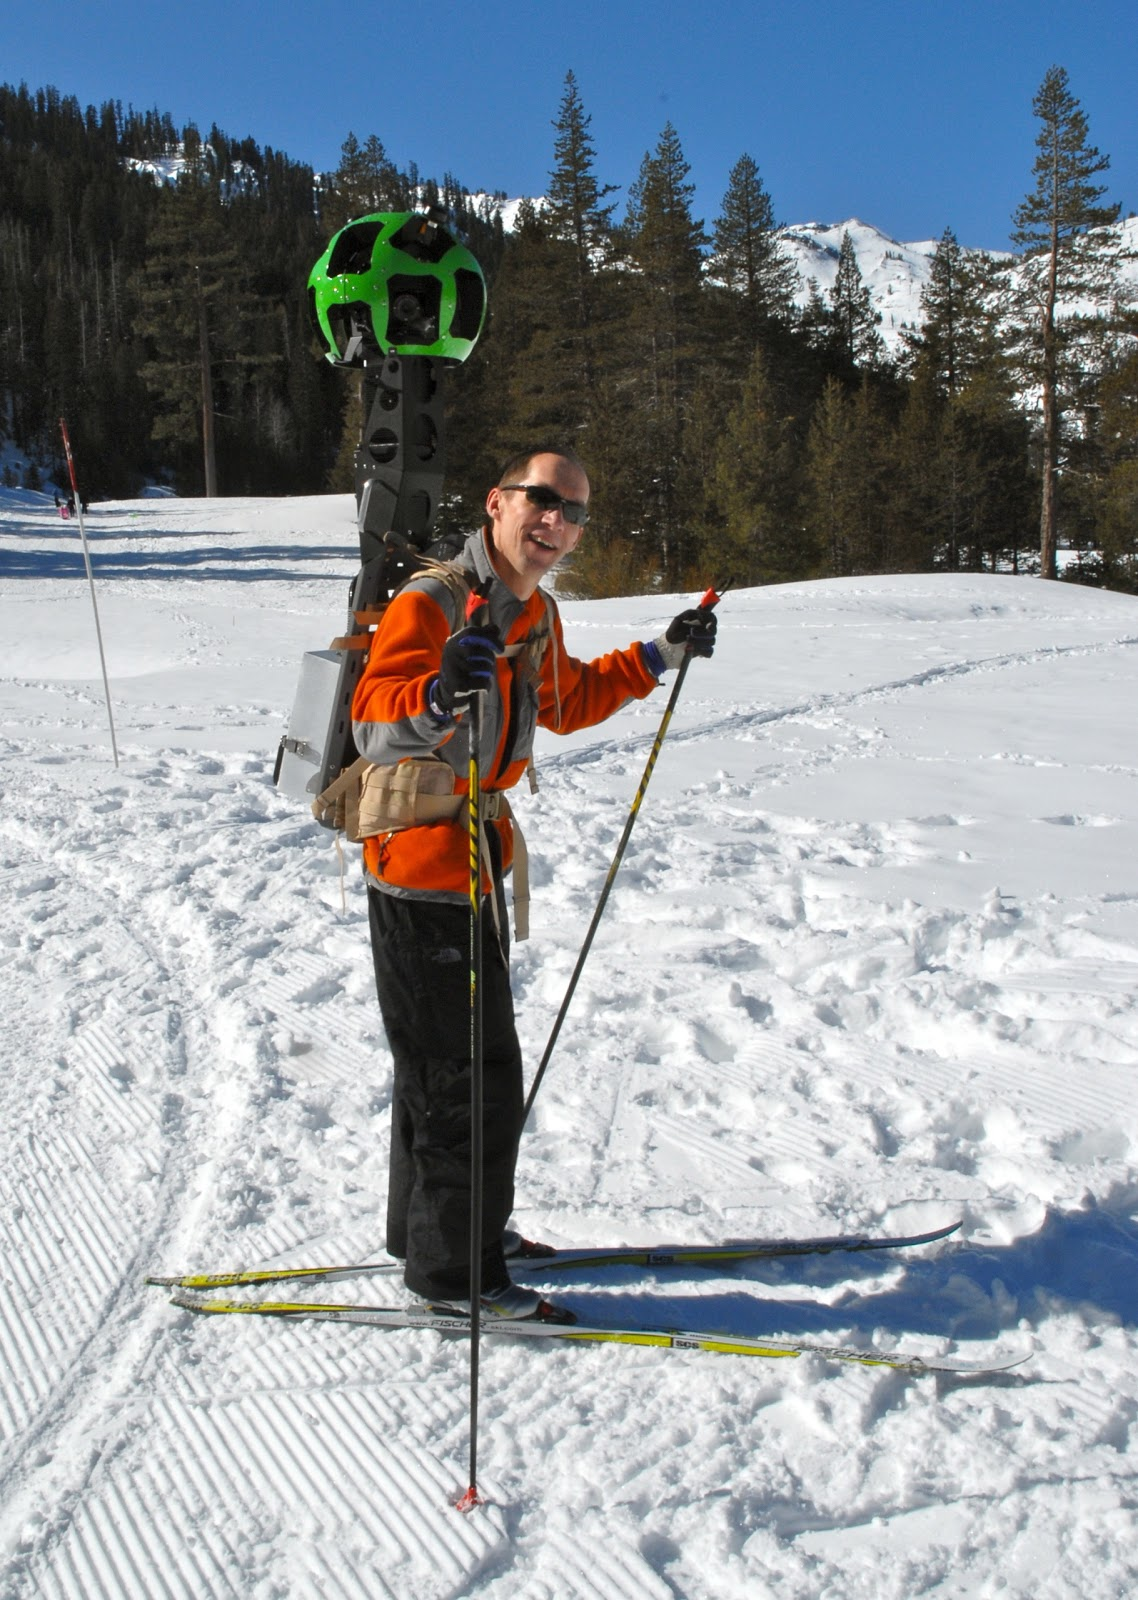 Люк Винсен, глава разработок, проверяет новое оборудование у озера Тахо